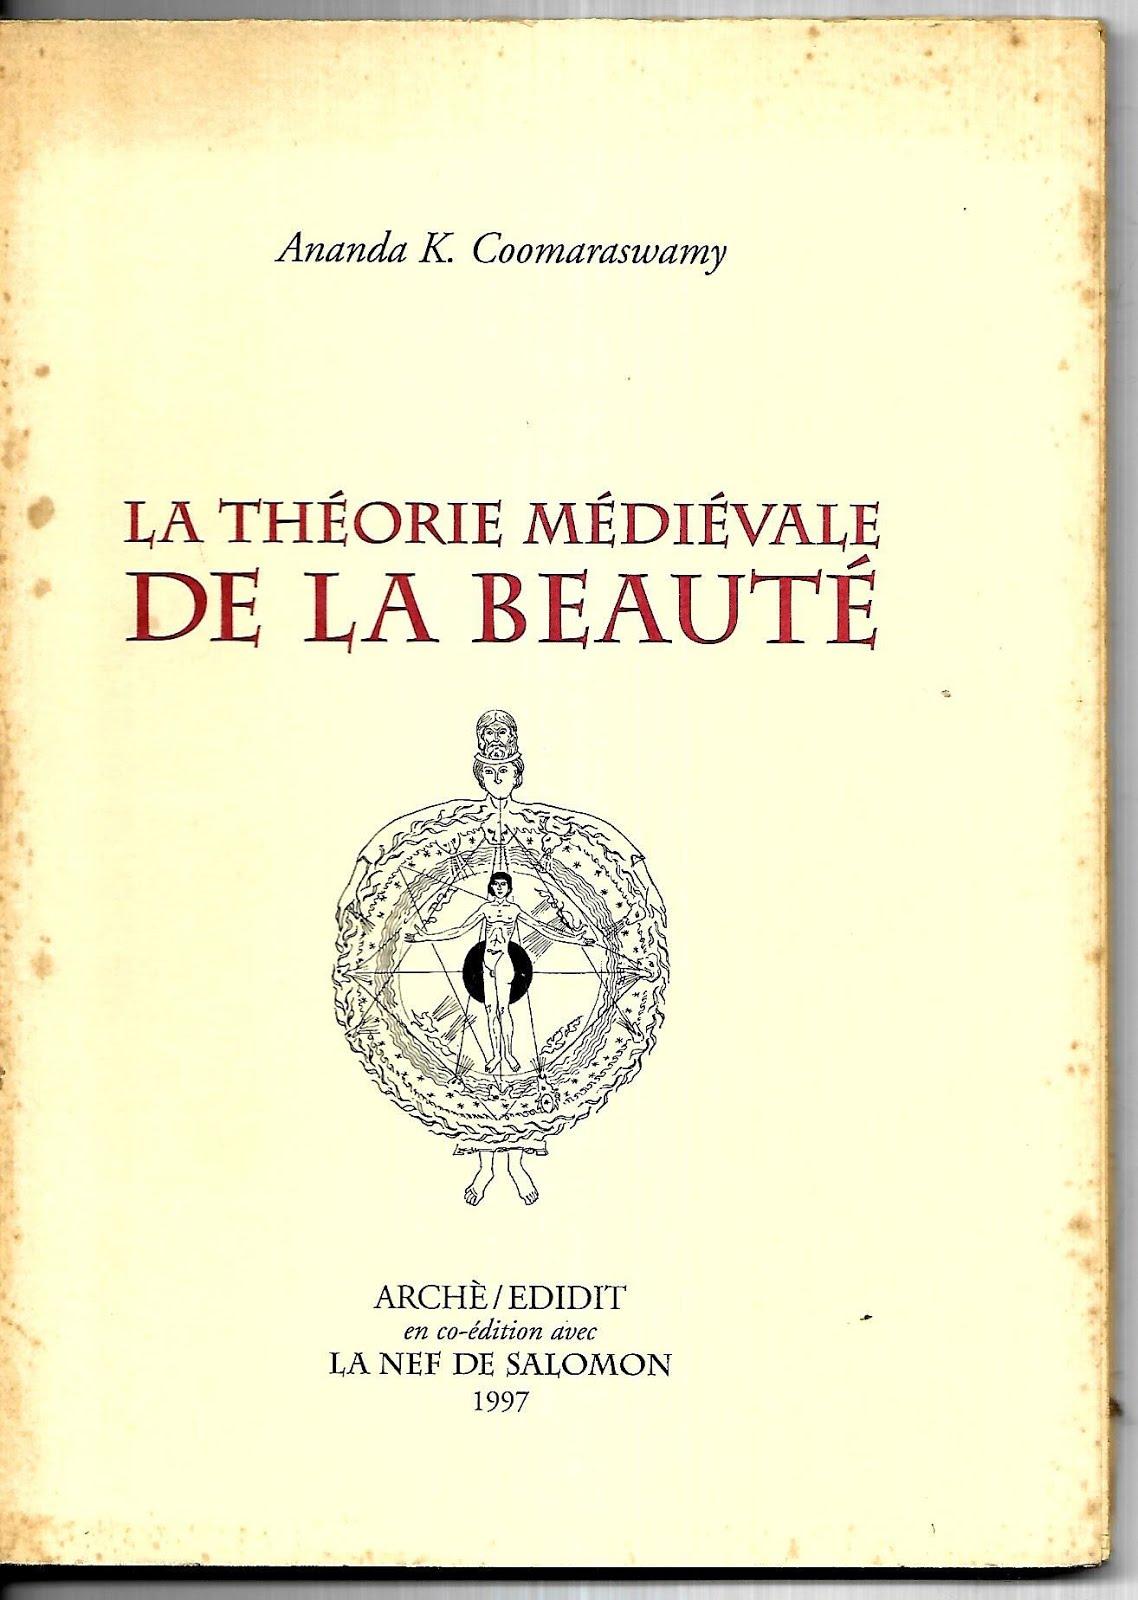 A.K. Coomaraswamy - La Théorie médiévale de la beauté